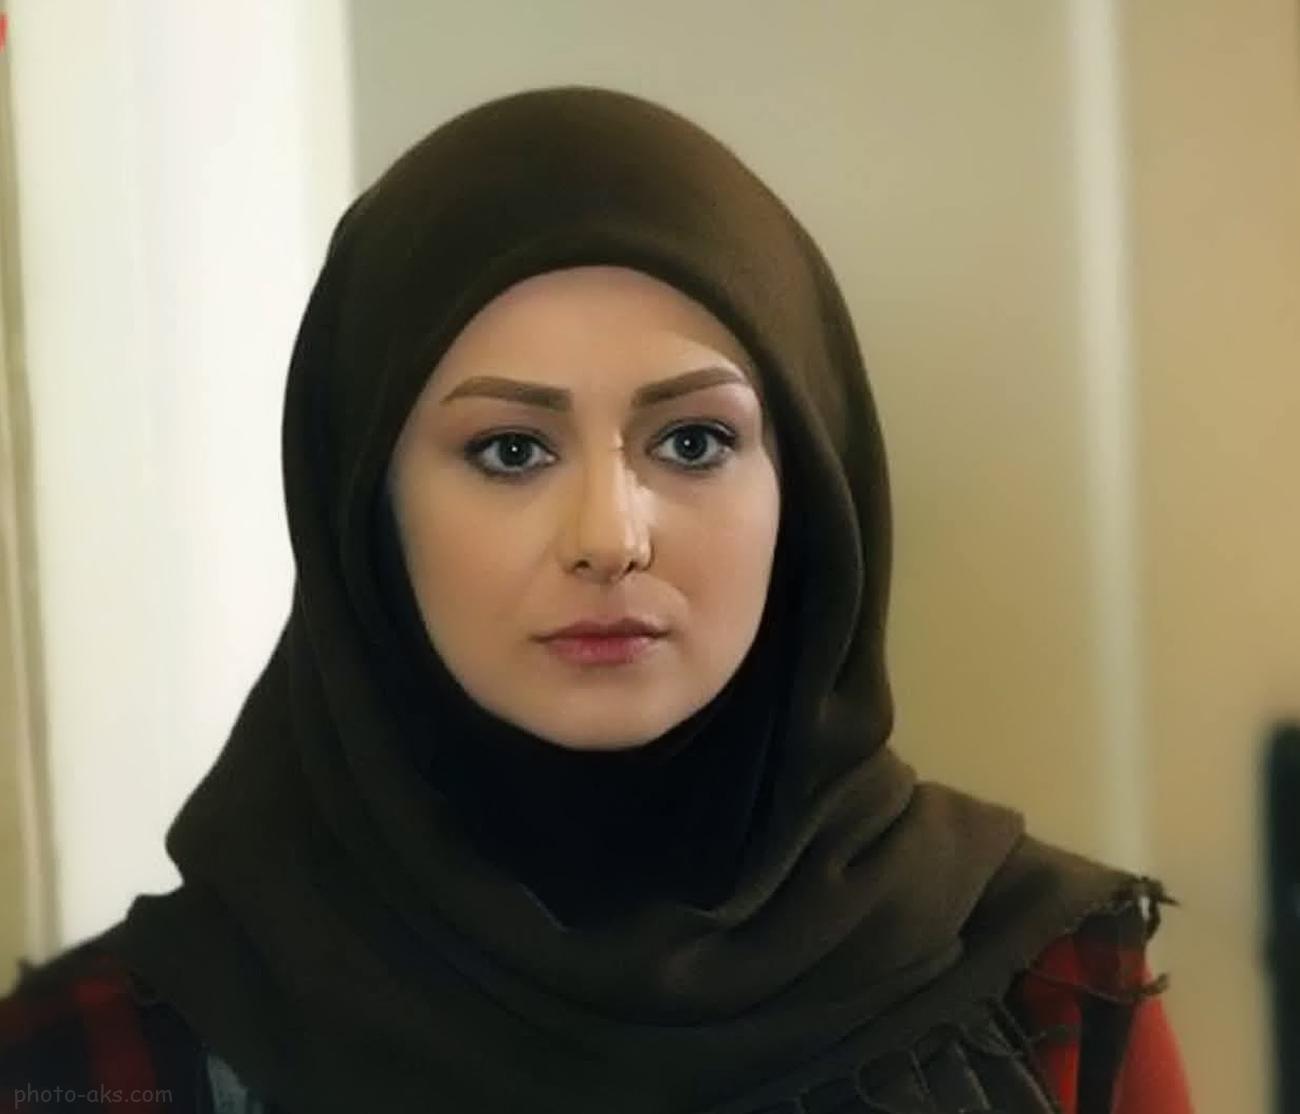 ASRE JADID: ax hai jadid va instagrami az sadaf taherian 2020